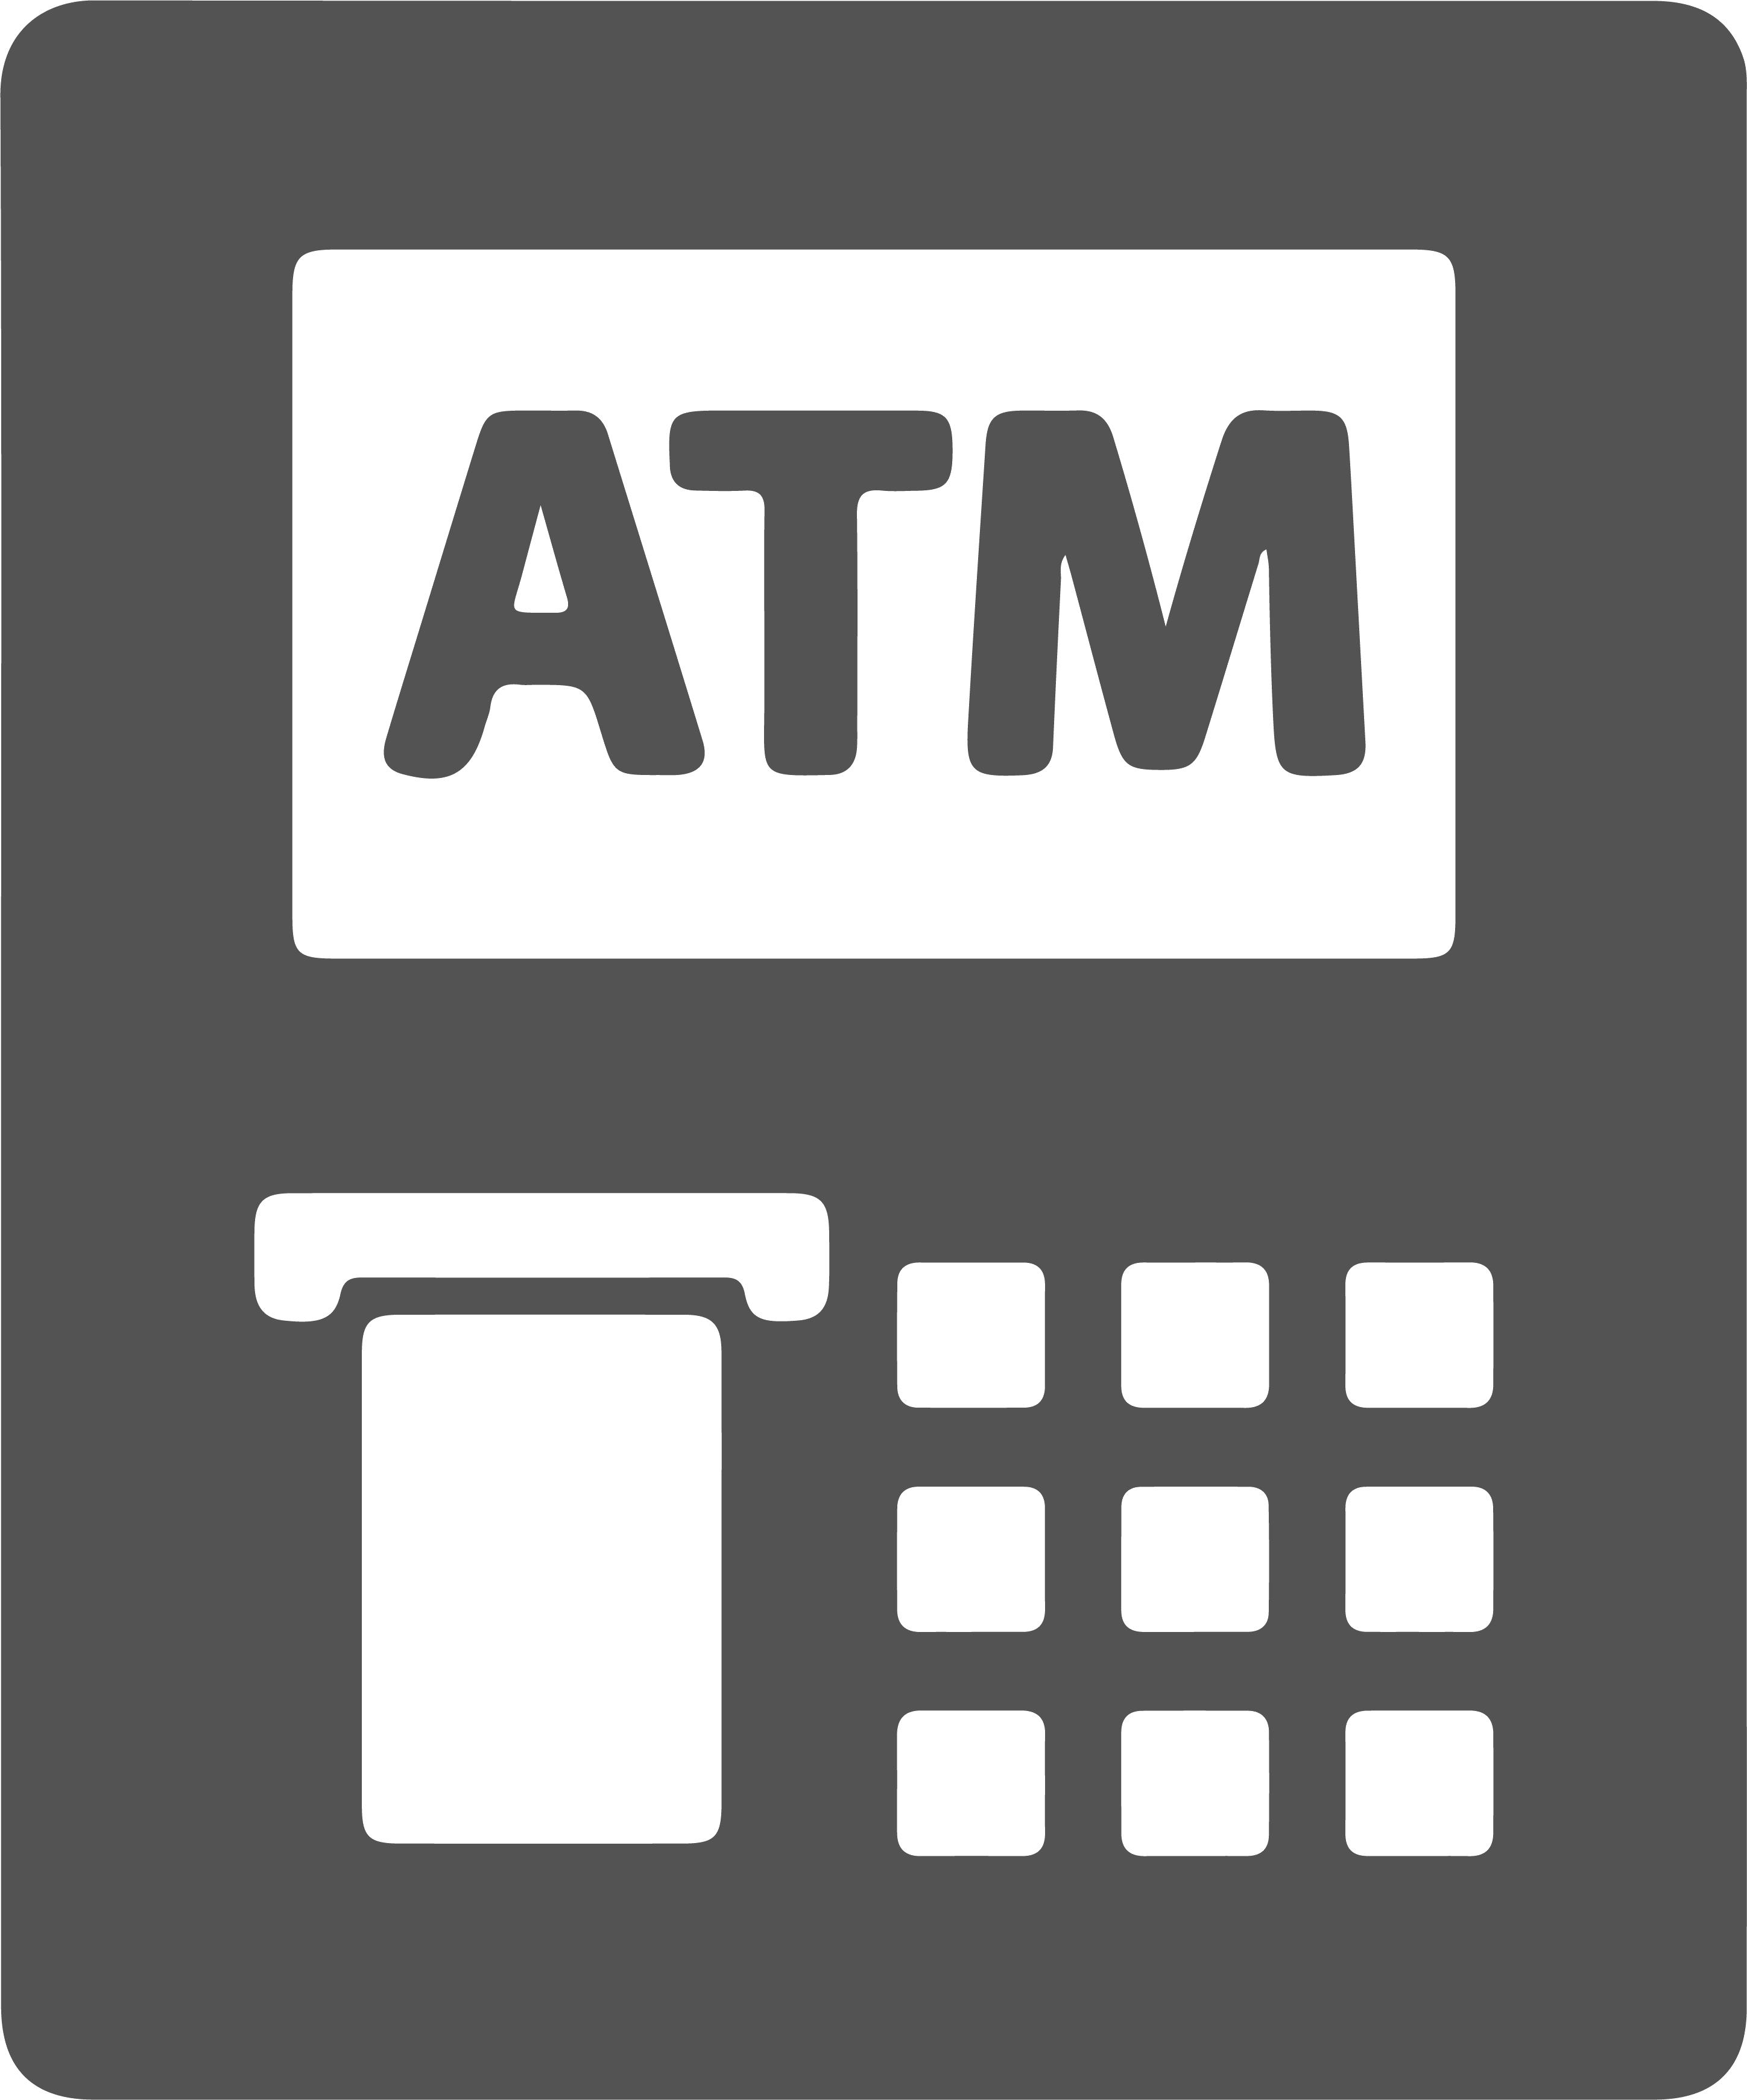 layanan pembayaran indonesia, layanan pembayaran murah, layanan pembayaran otomatis